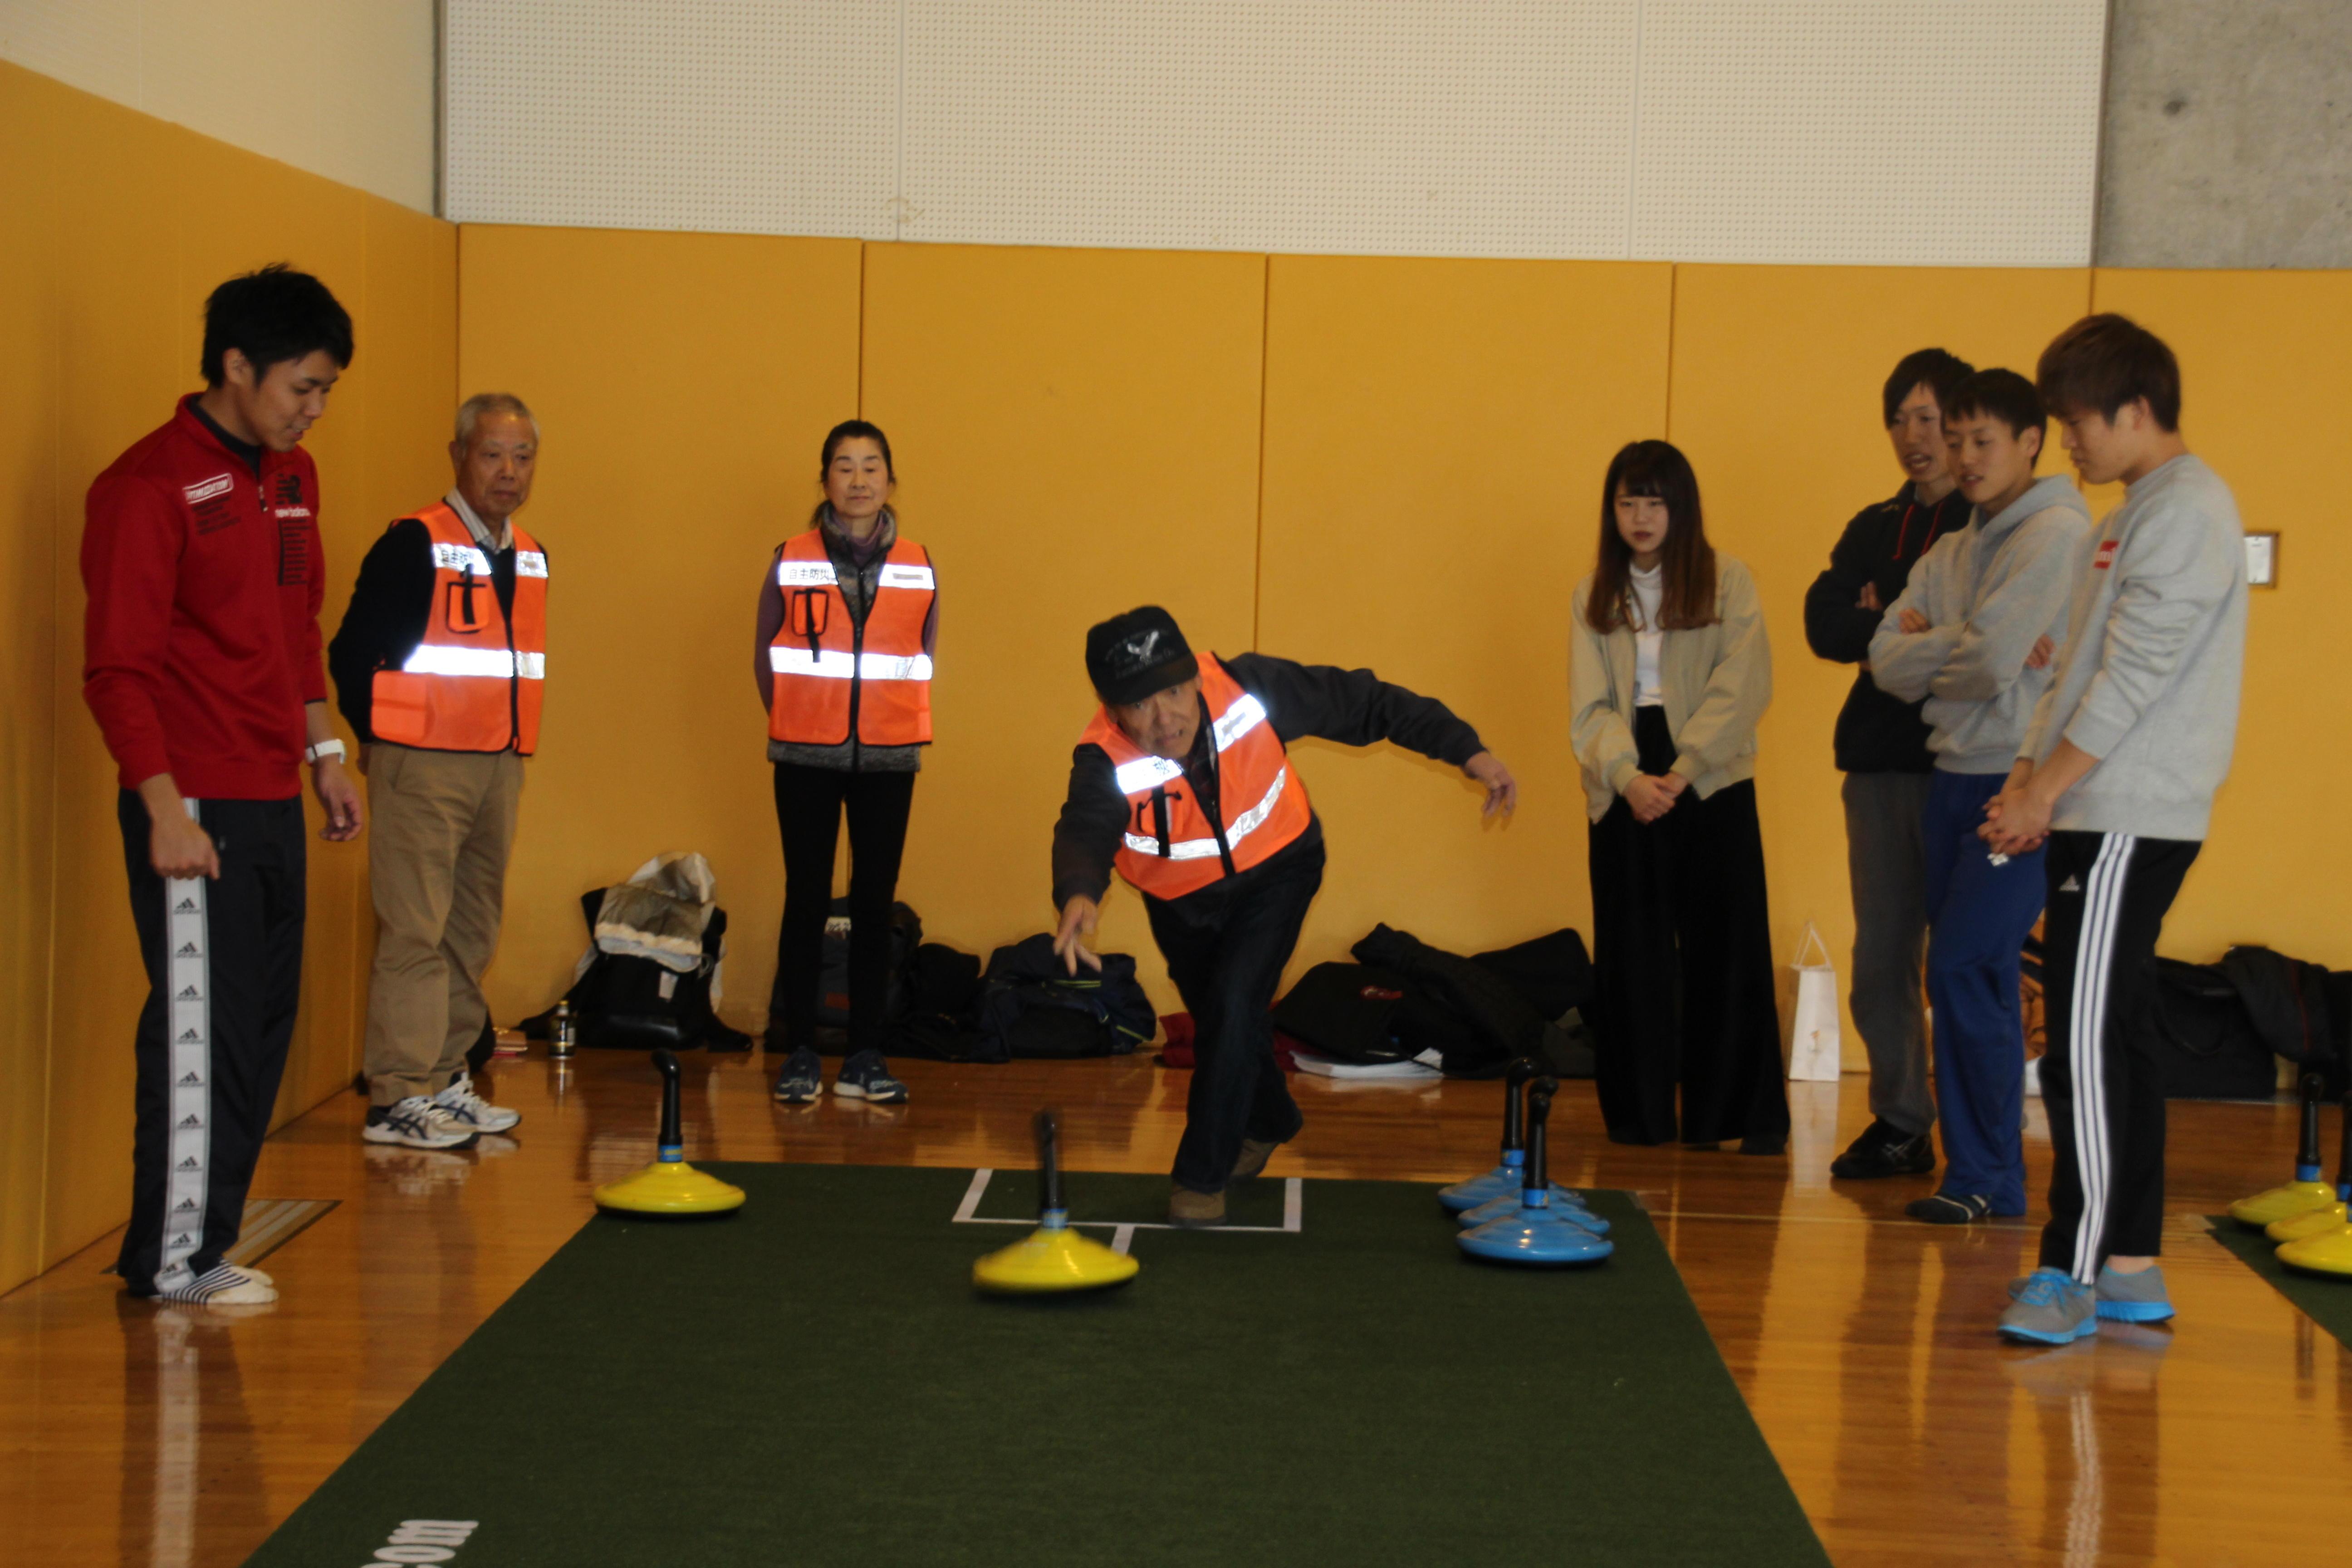 岐阜聖徳学園大学が岐阜市柳津町高桑自治会との合同防災訓練を実施 -- 地域の現状を把握するため、住民らとの意見交換会も